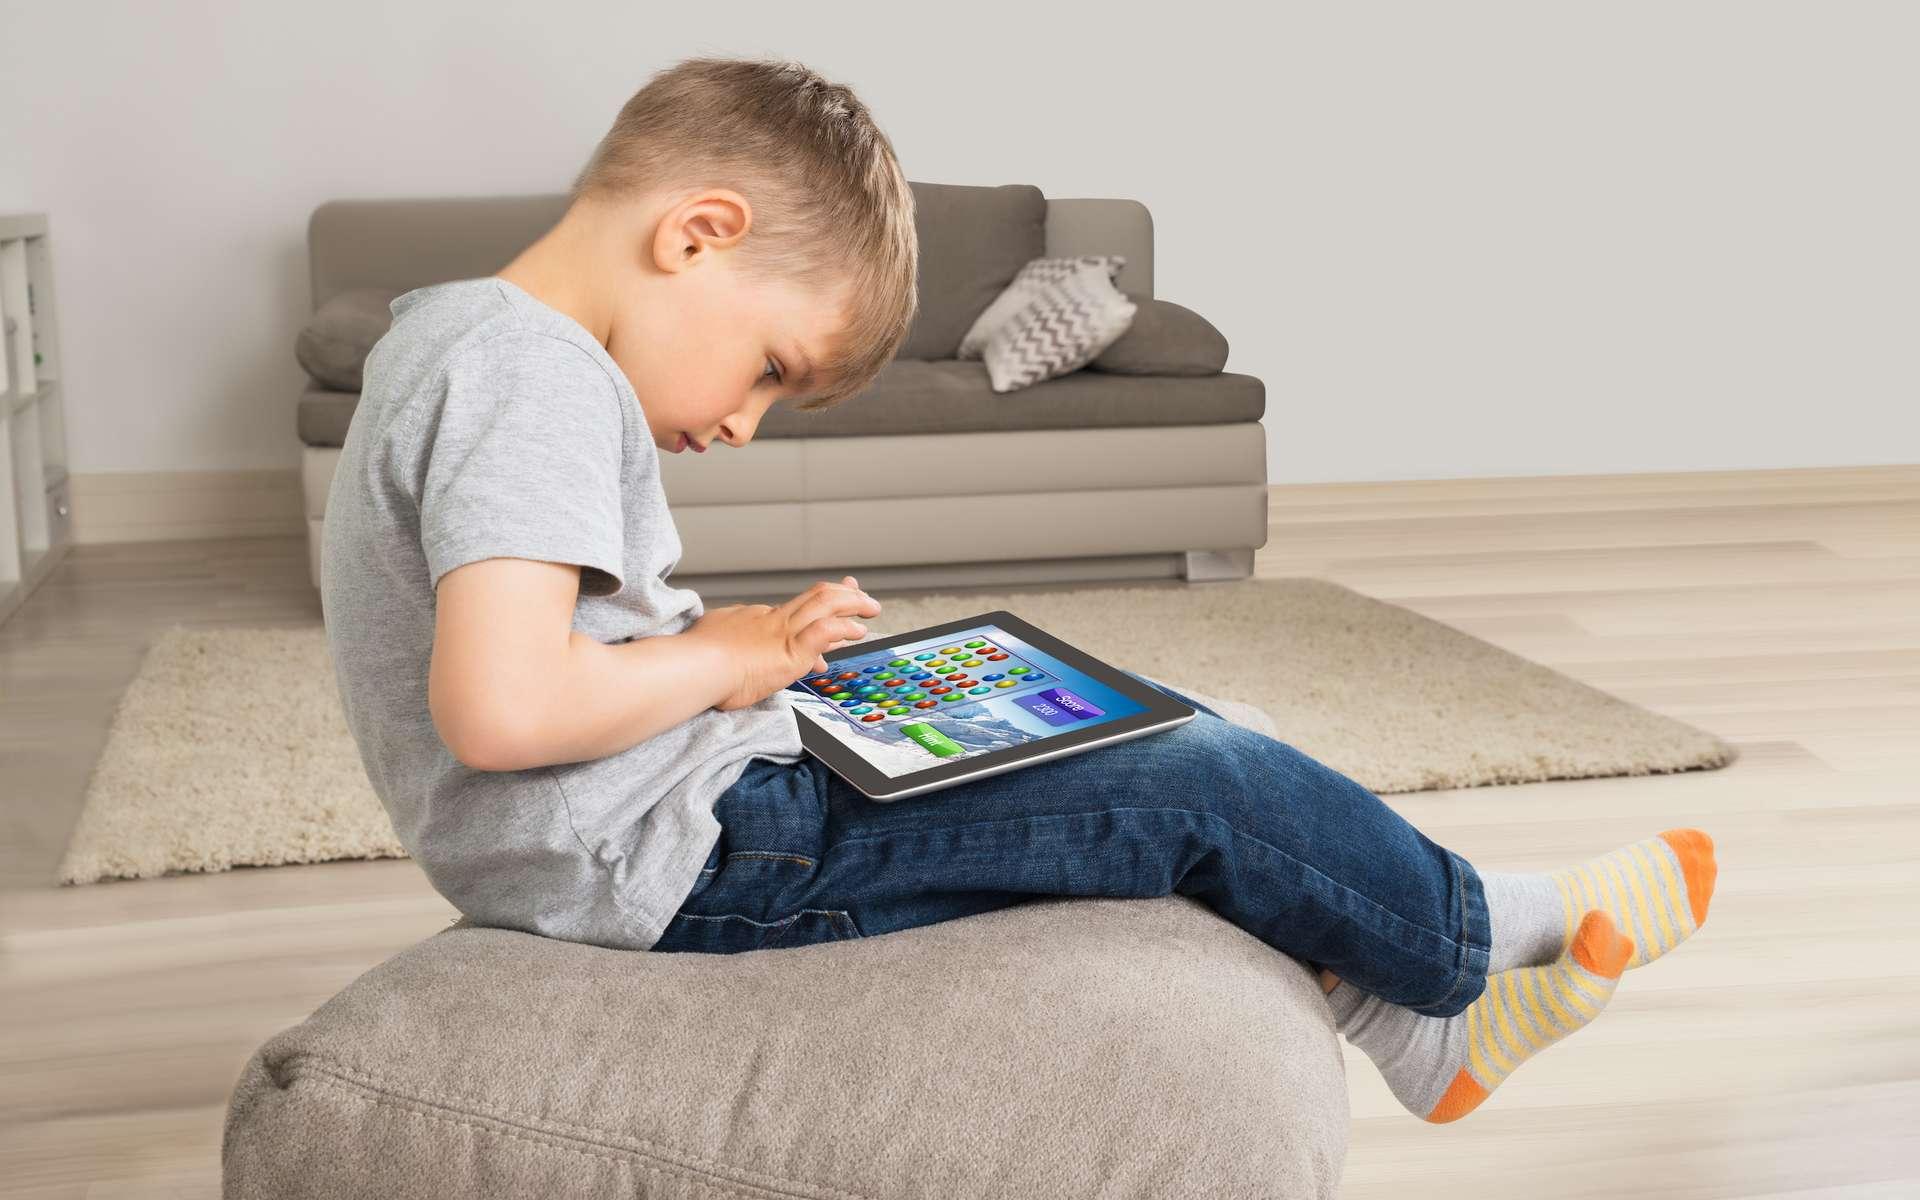 Les Écrans Détruisent-Ils Le Cerveau De Nos Enfants ? encequiconcerne Jeux Ordinateur Enfant